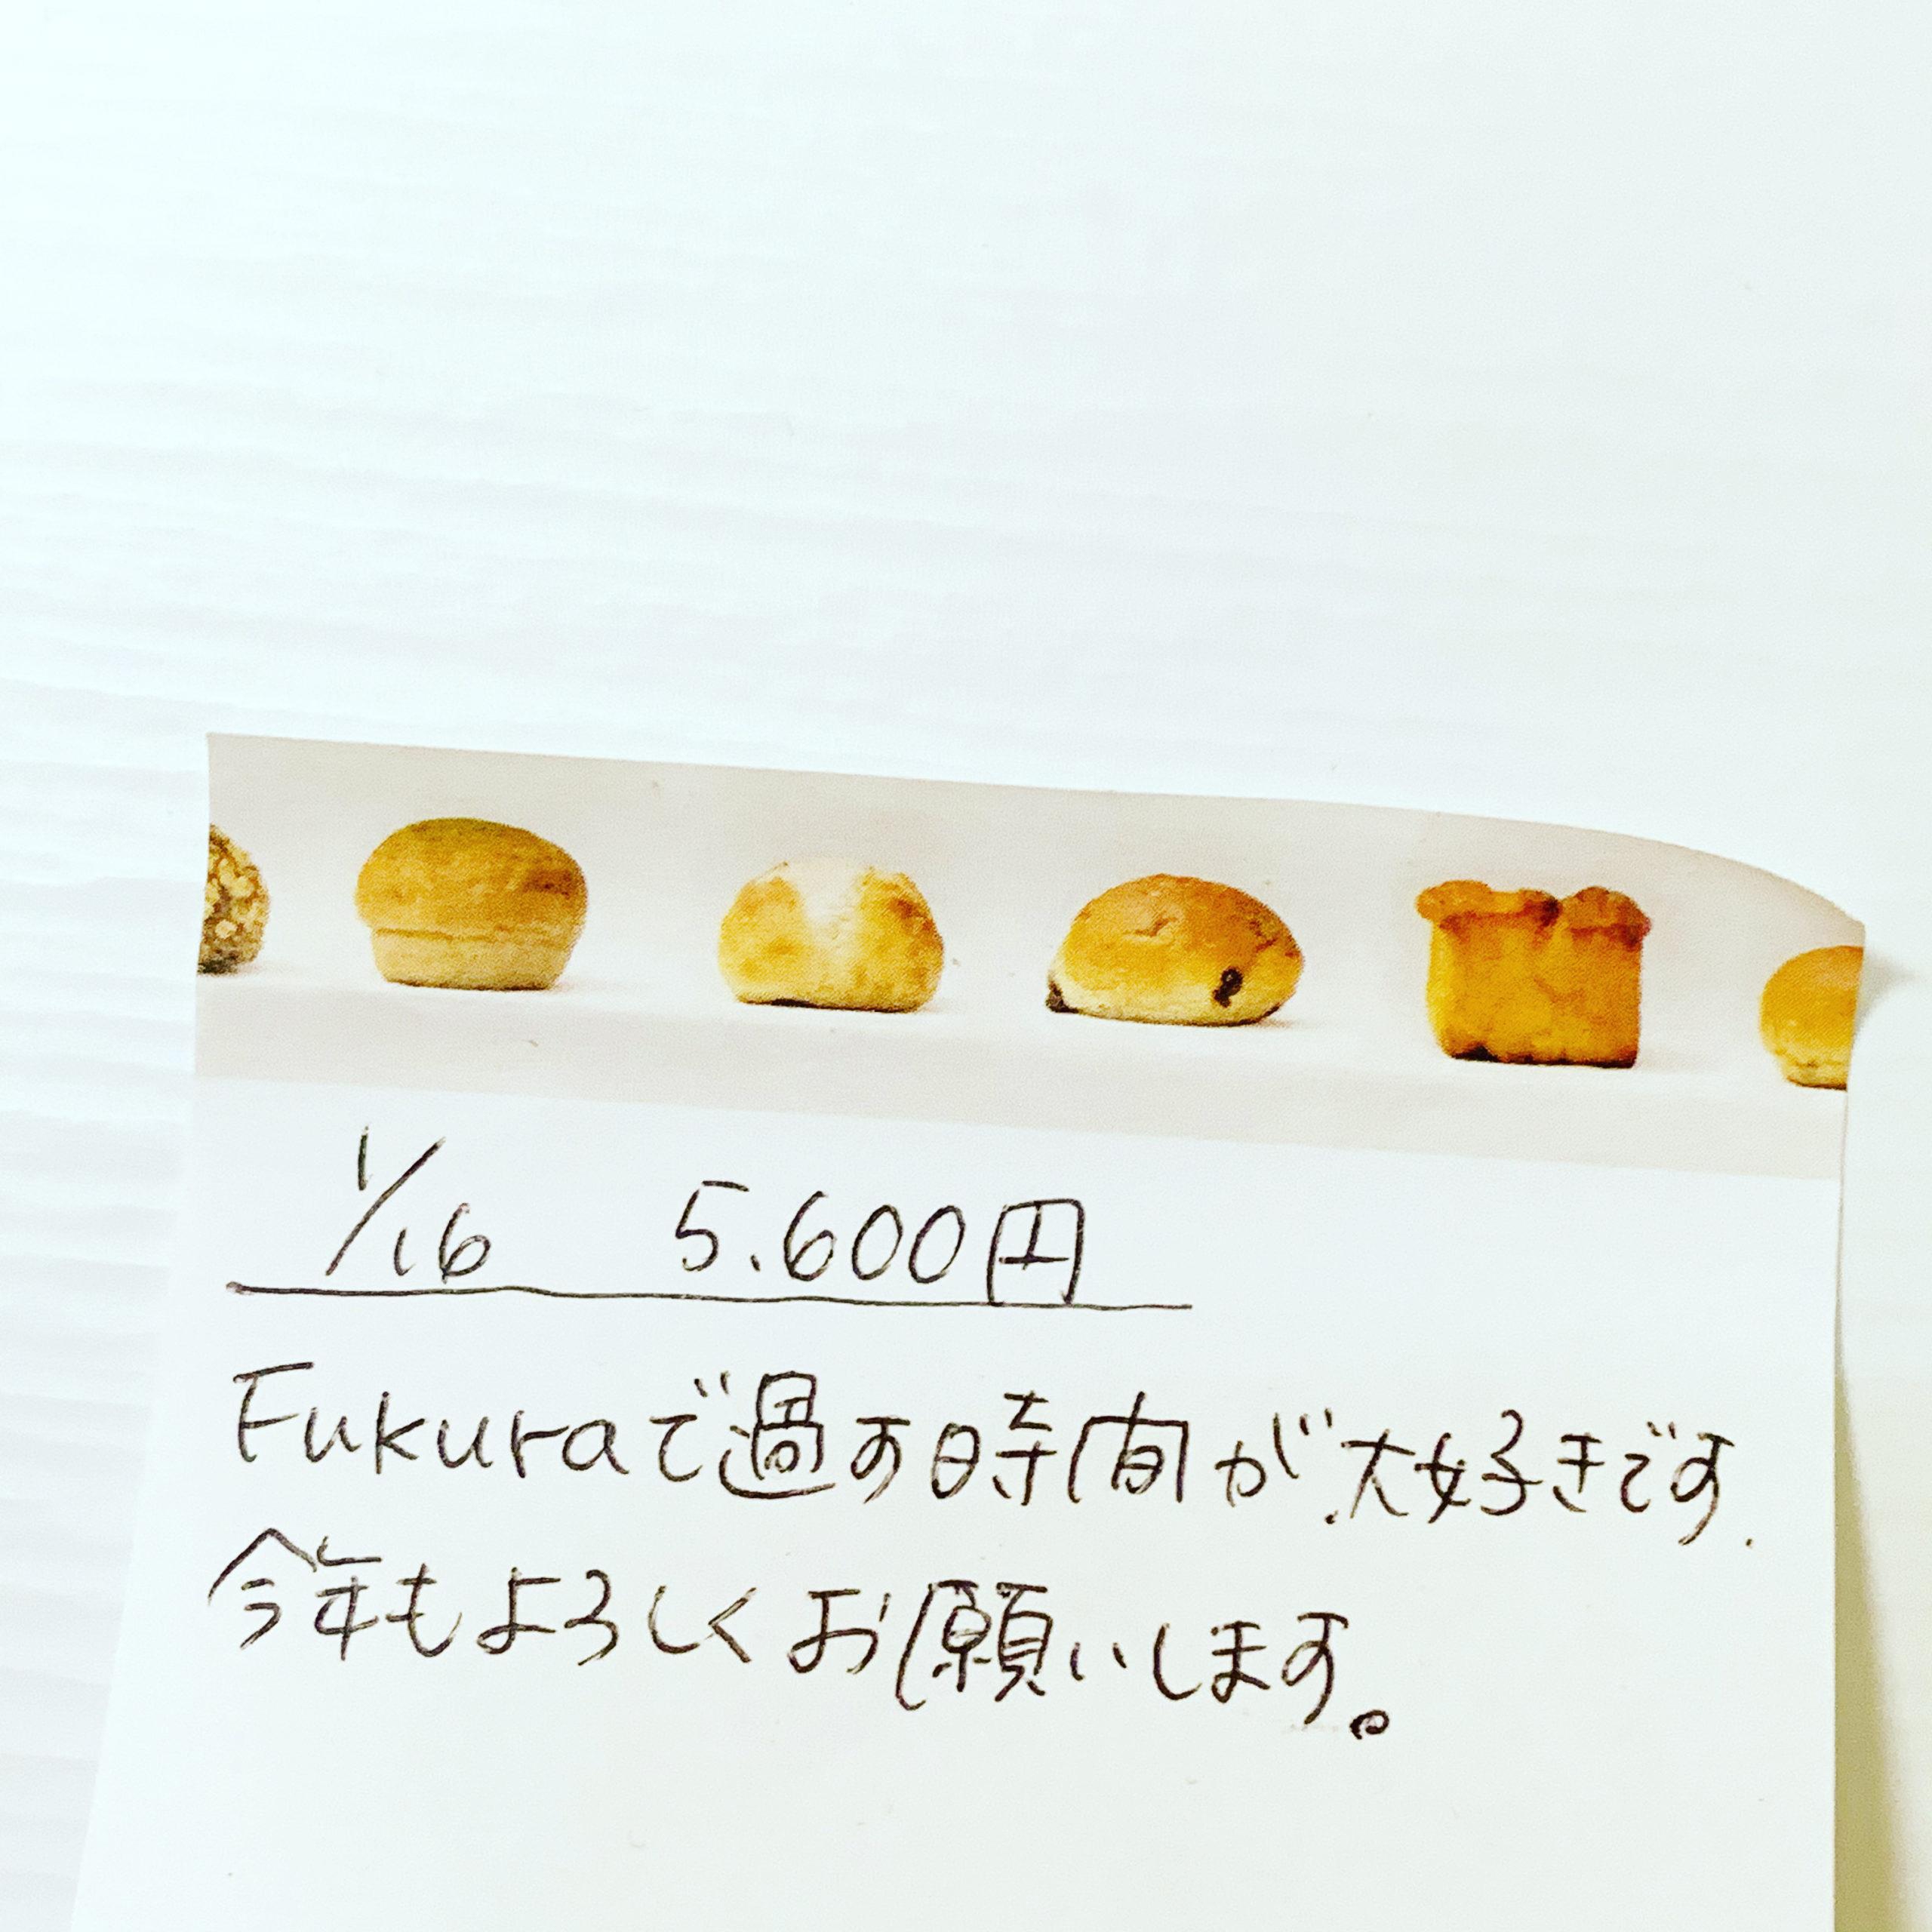 生徒さんからのお手紙(Fukuraで過ごす時間が大好きです。)